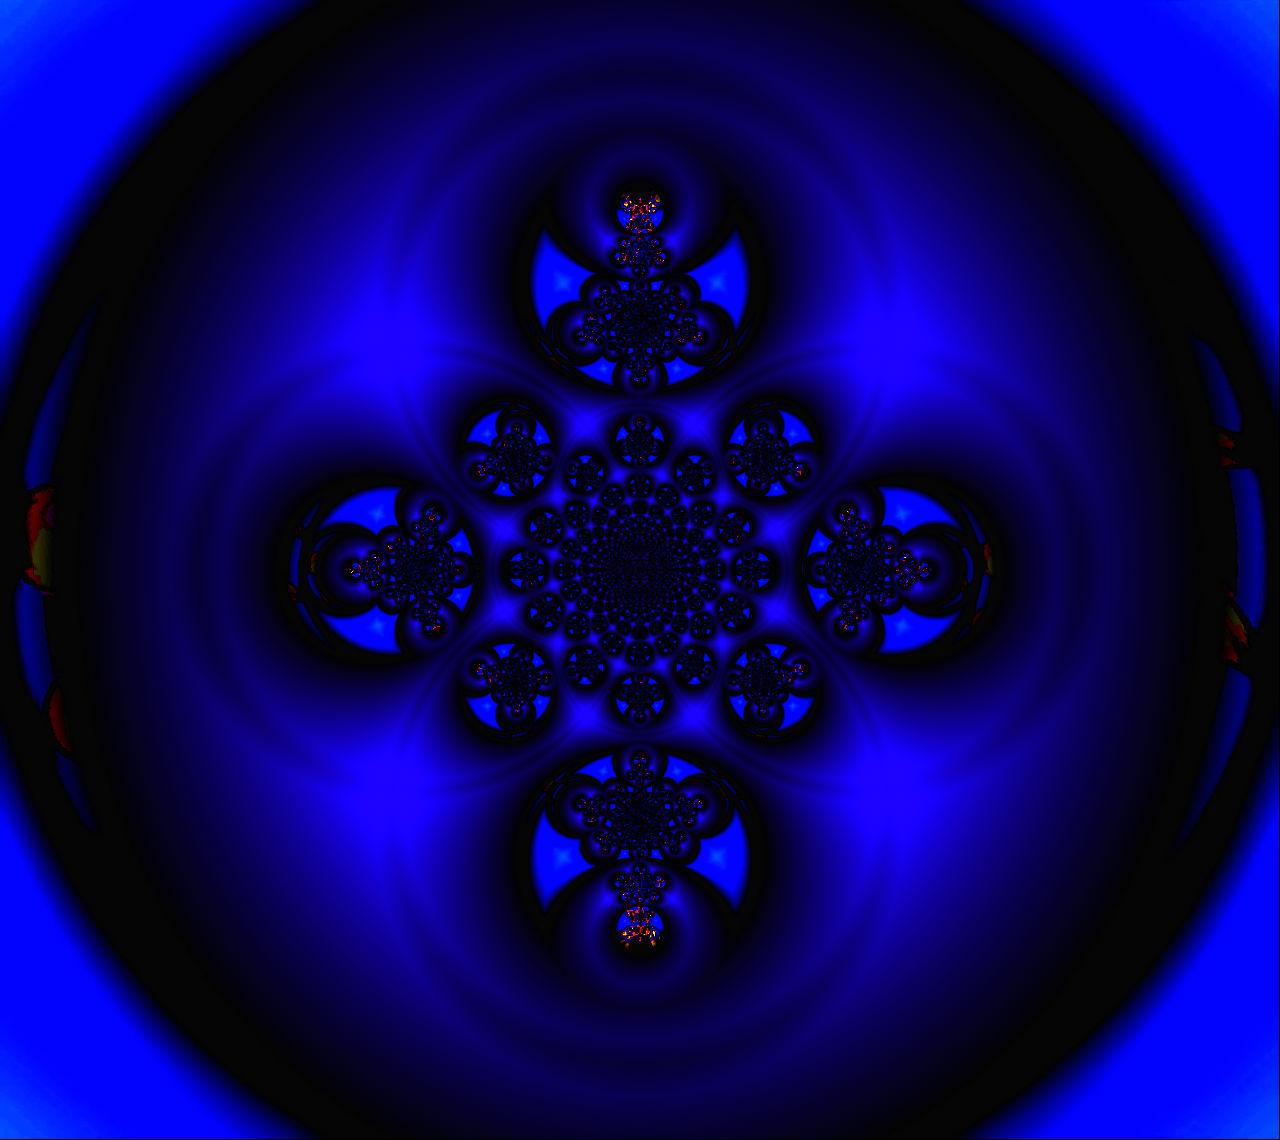 Sapphire blue computer wallpapers desktop backgrounds 1280x1140 id 434968 - Sapphire wallpaper ...